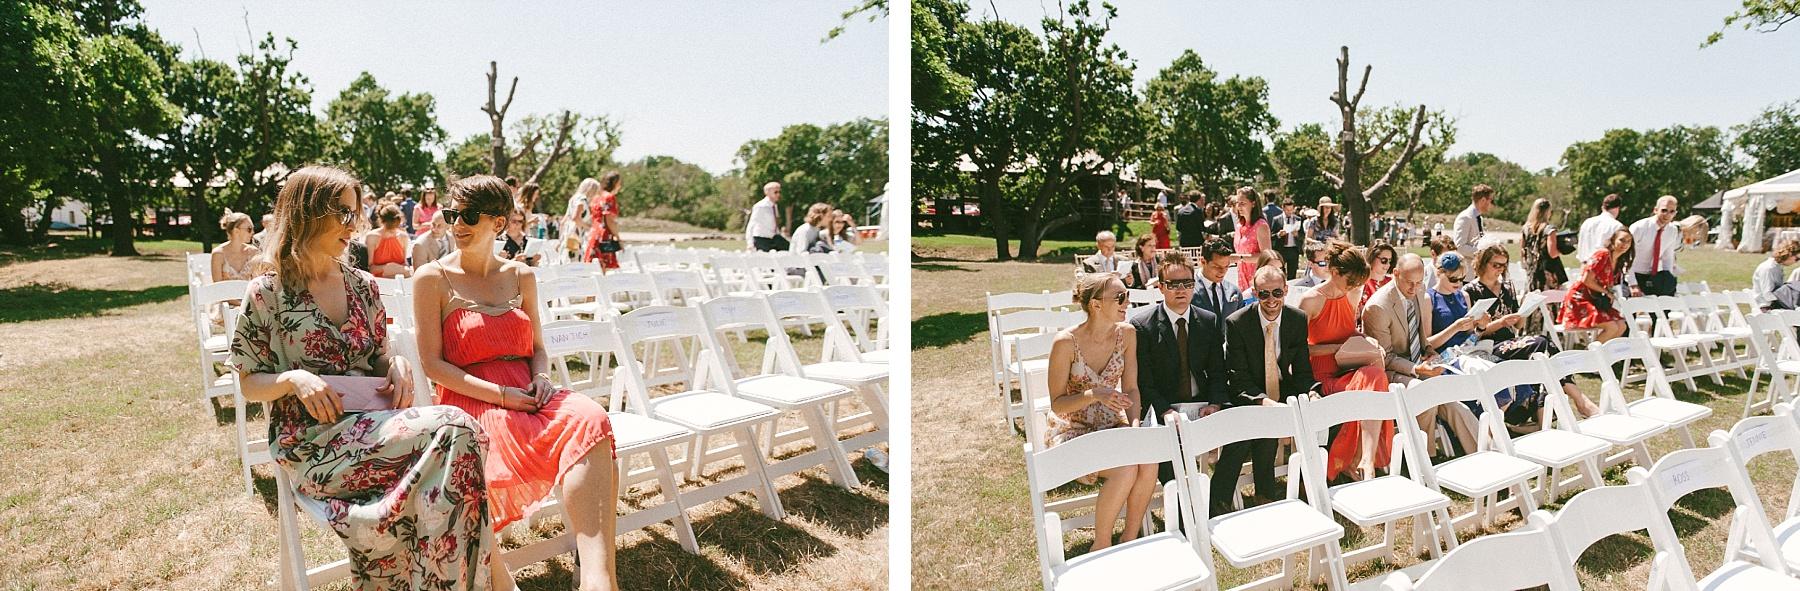 Hayling Island wedding photography